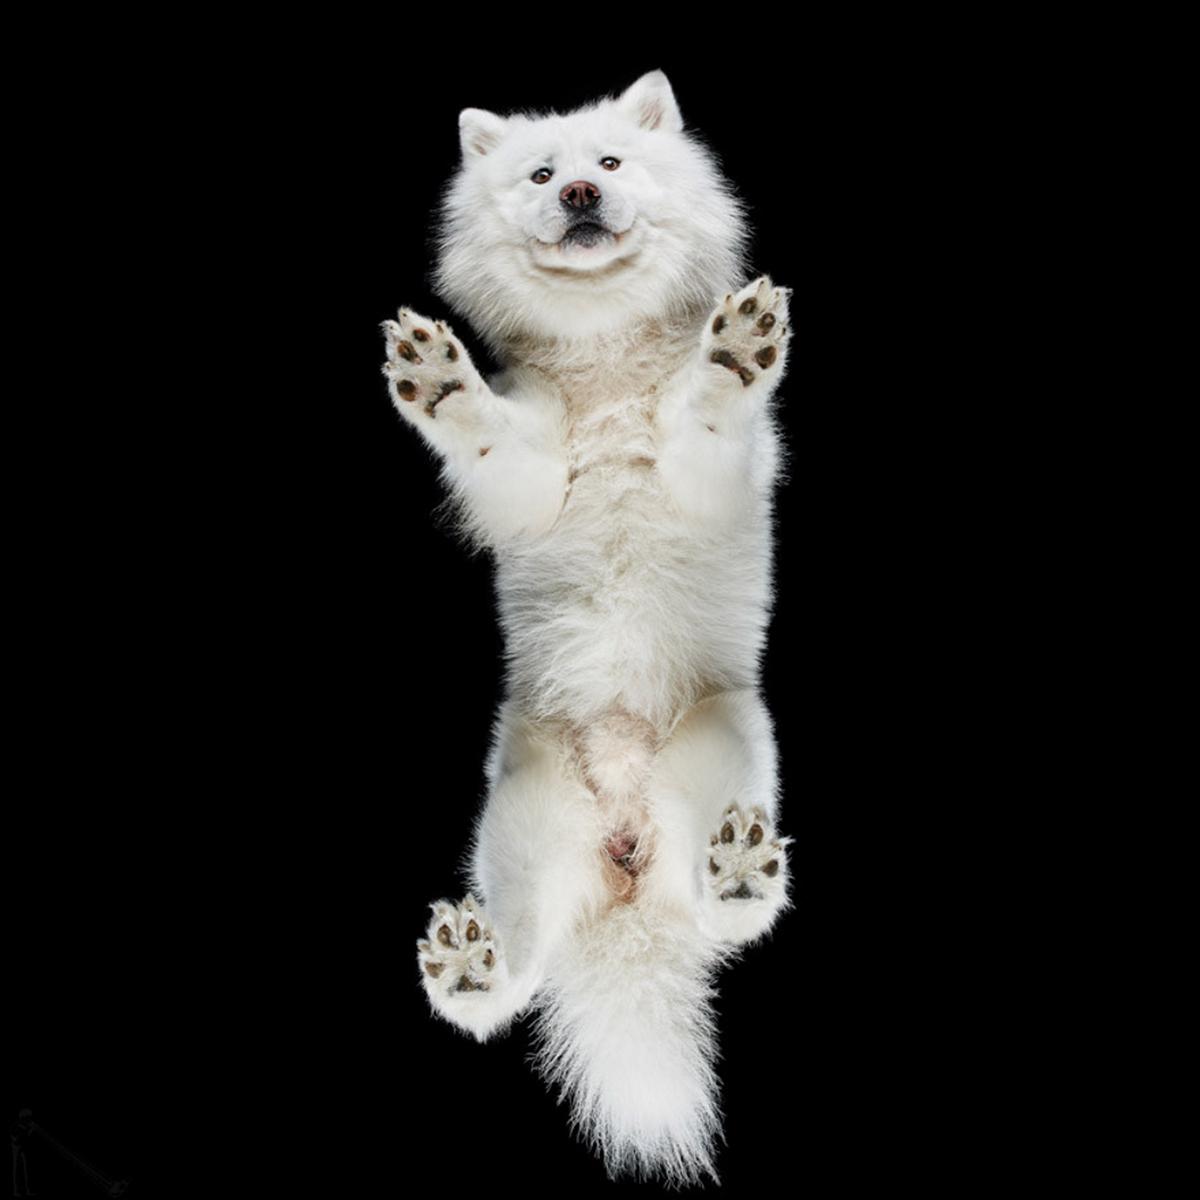 «Взгляд снизу»: чудные фотографии животных в проекте Андриуса Бурбы 14